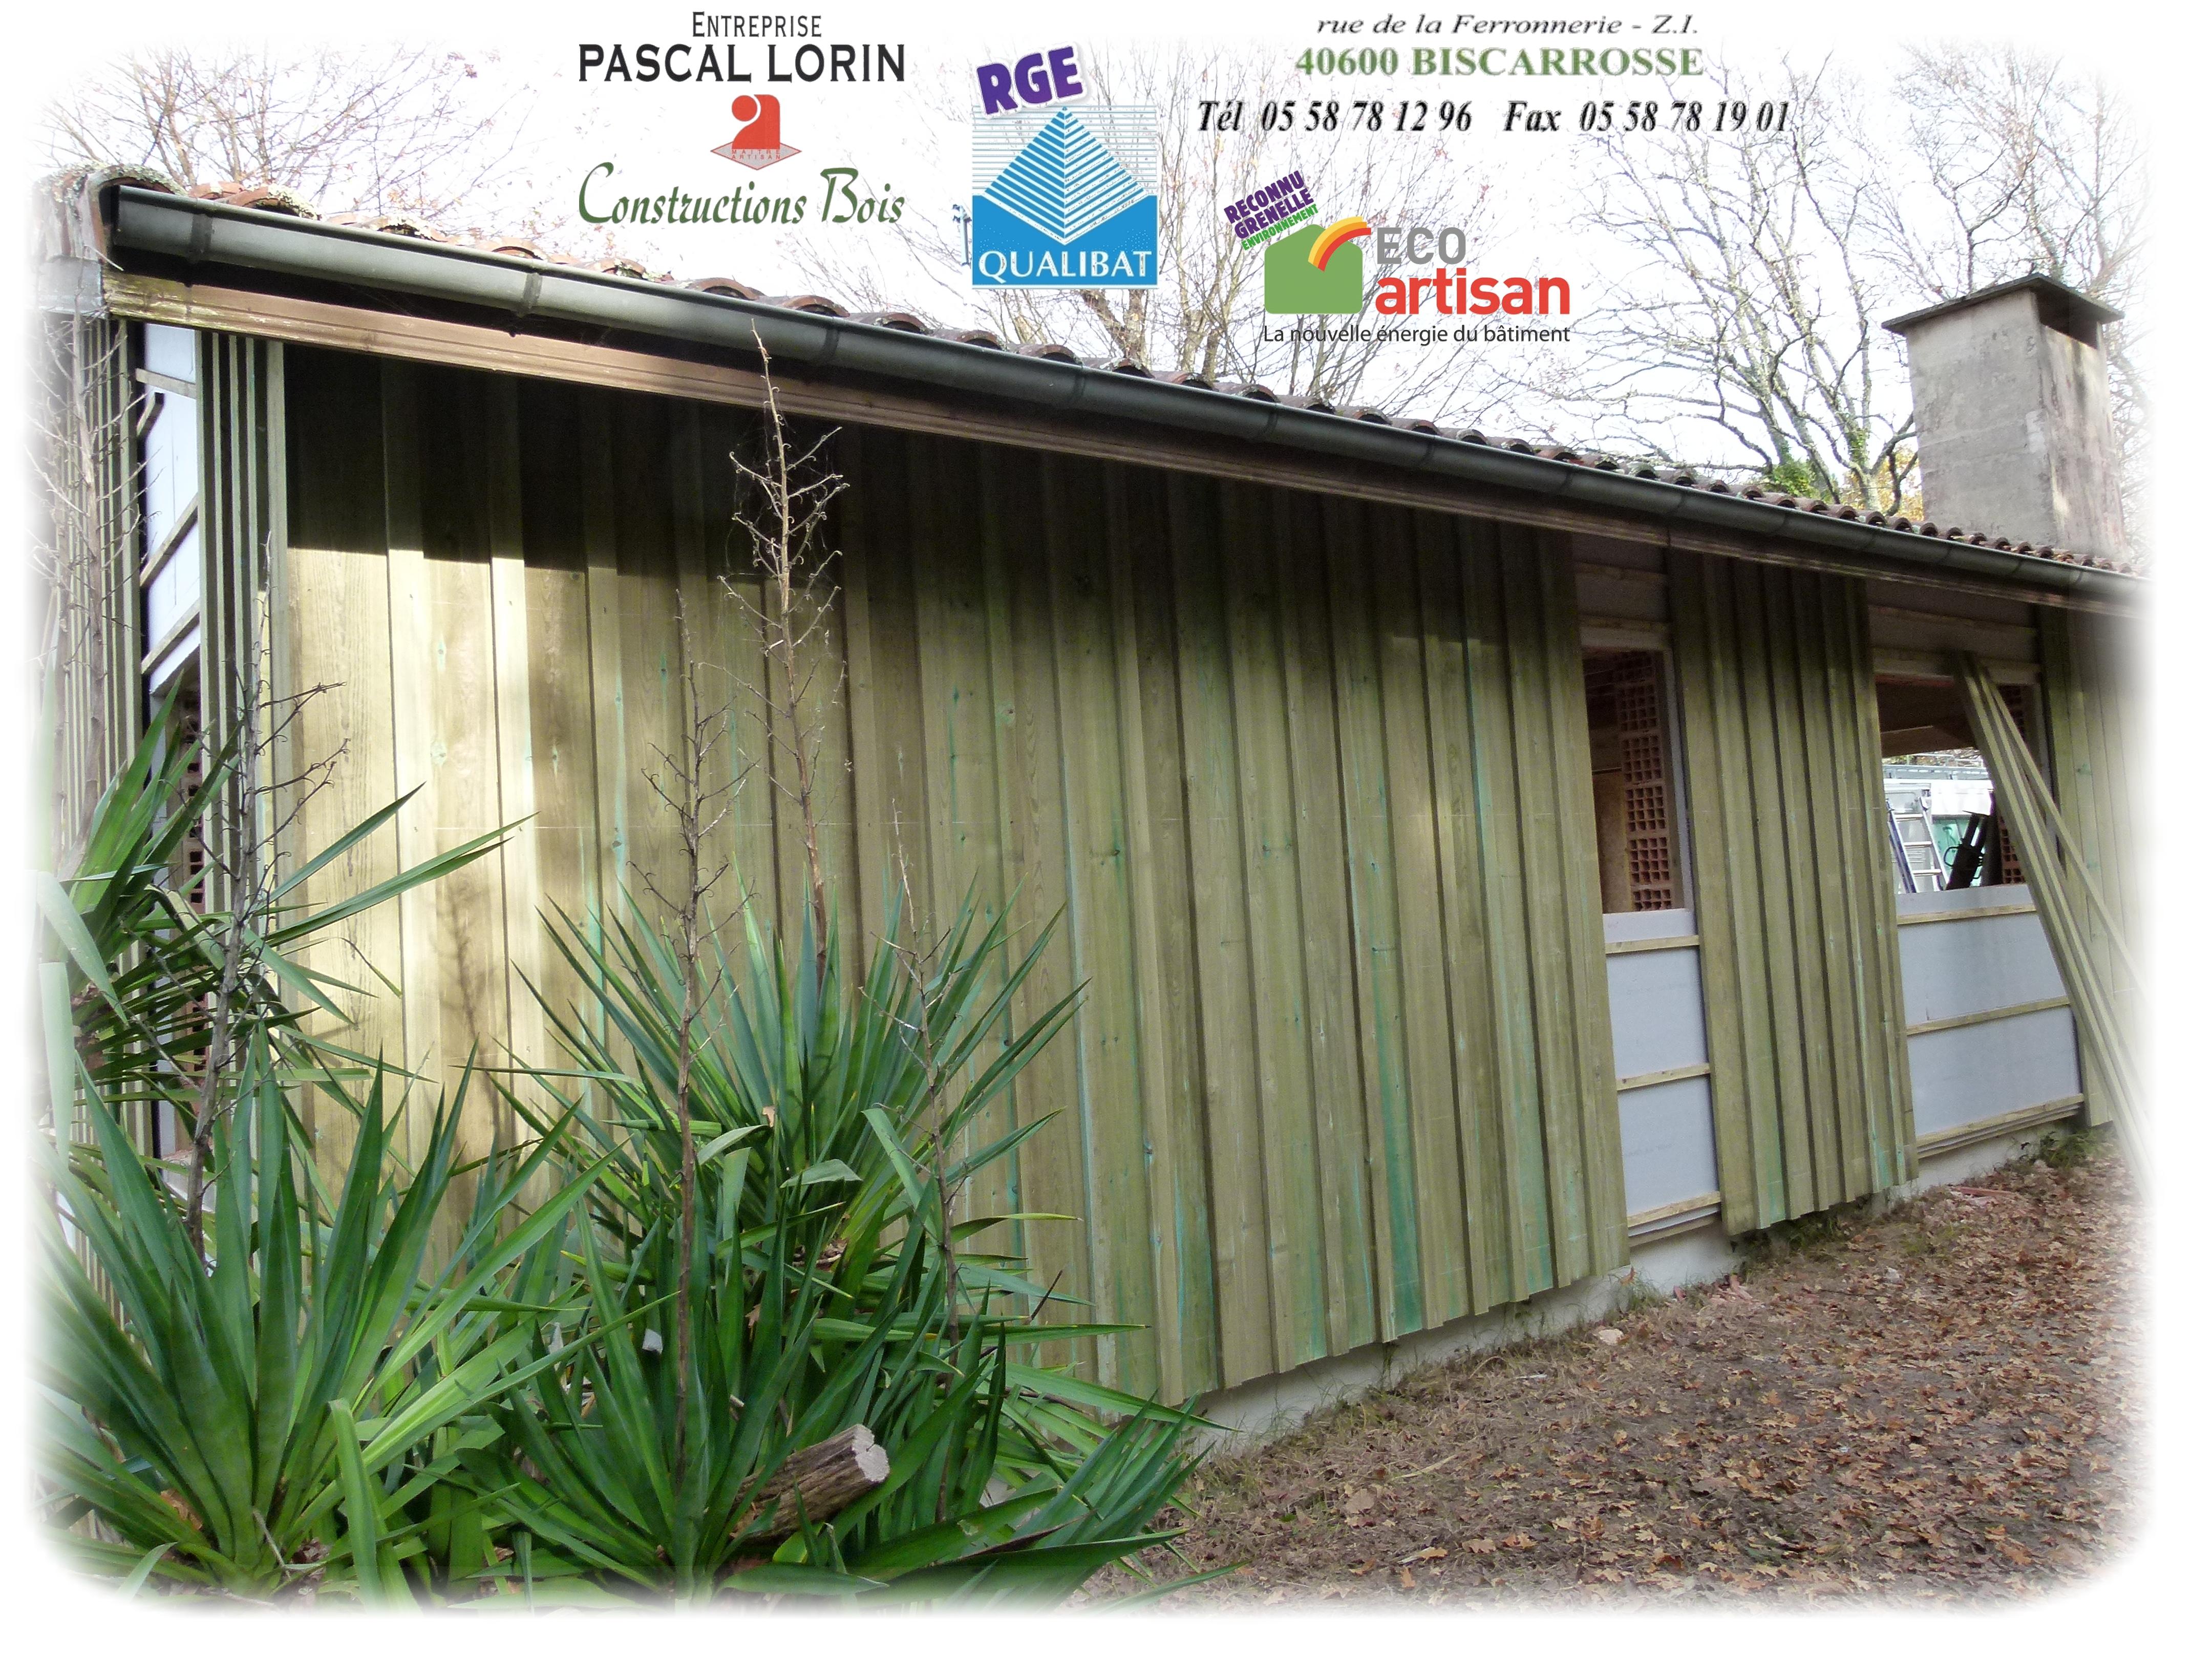 Constructeur Maison Bois Gironde Landes u2013 Maison Moderne # Constructeur Maison Bois Gironde